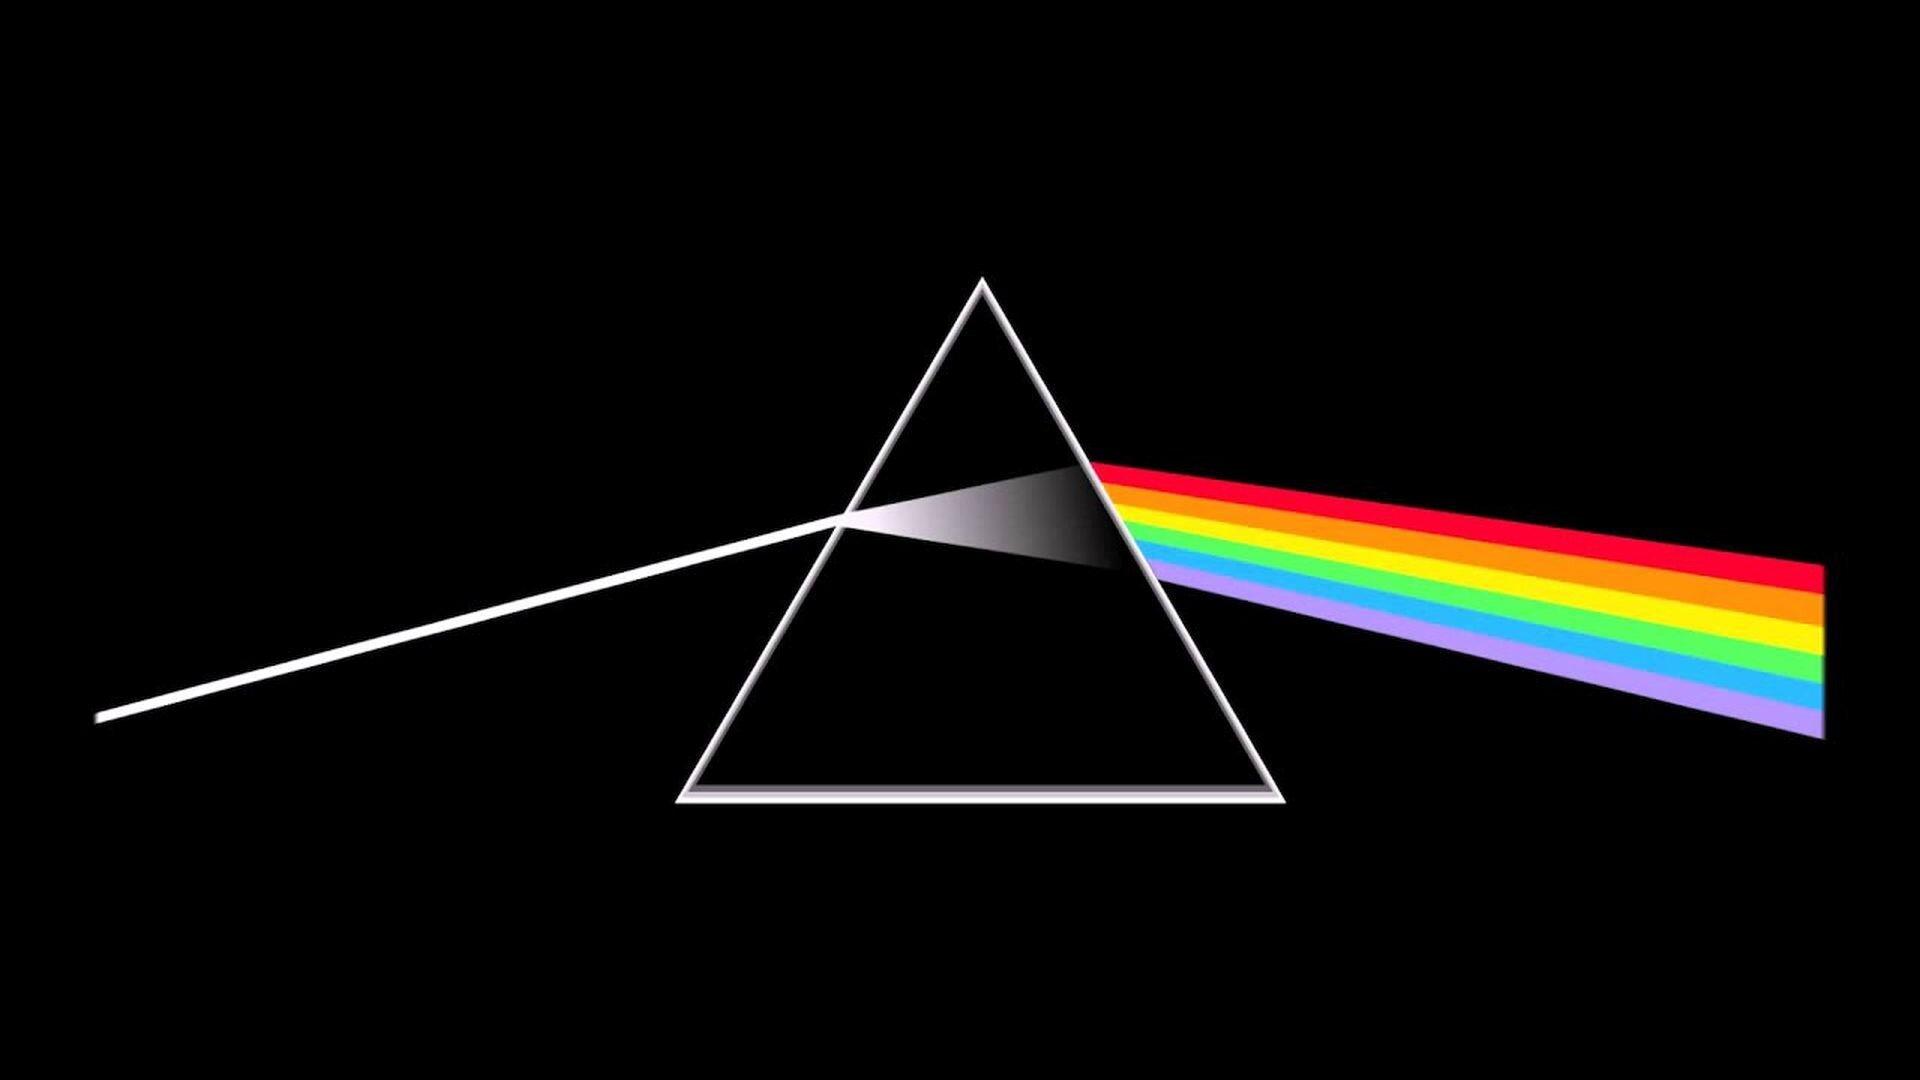 Ilustracja interaktywna przedstawiająca pryzmat na czarnym tle, Przechodzące przez niego światło jest rozszczepiane na liczne kolory: czerwony, pomarańczowy, żółty, zielony, niebieski, fioletowy.